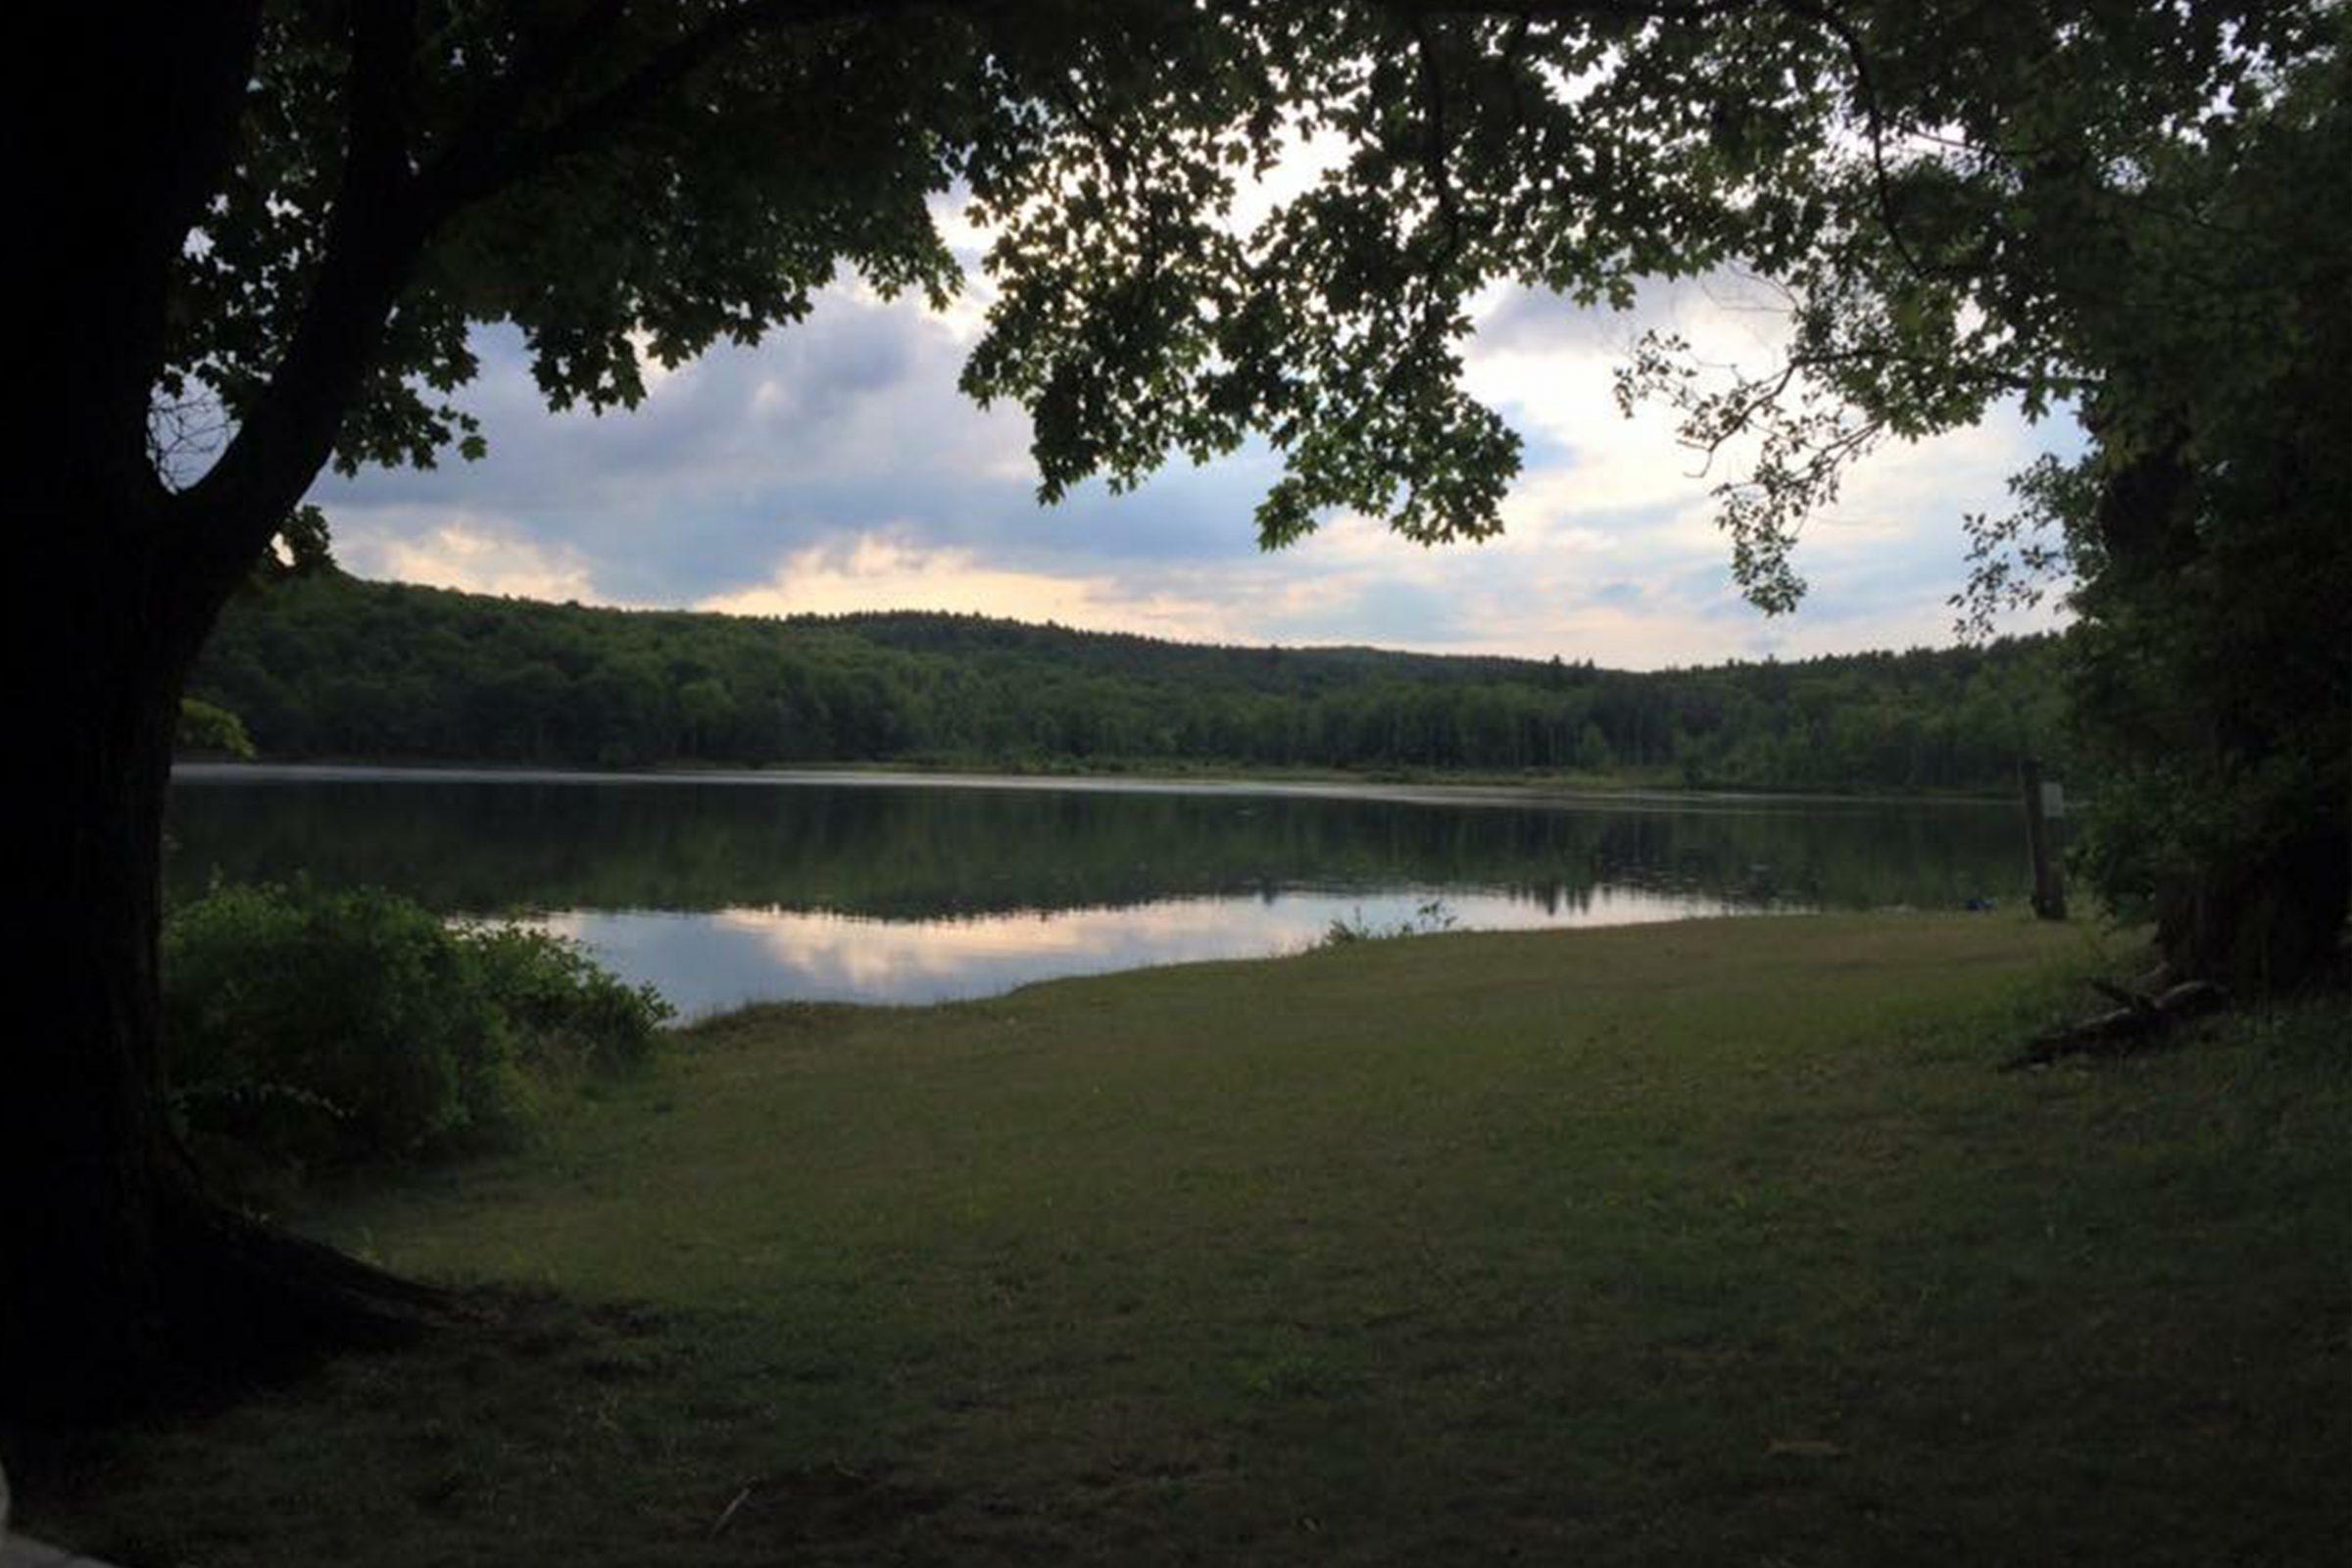 Lake Myosotis